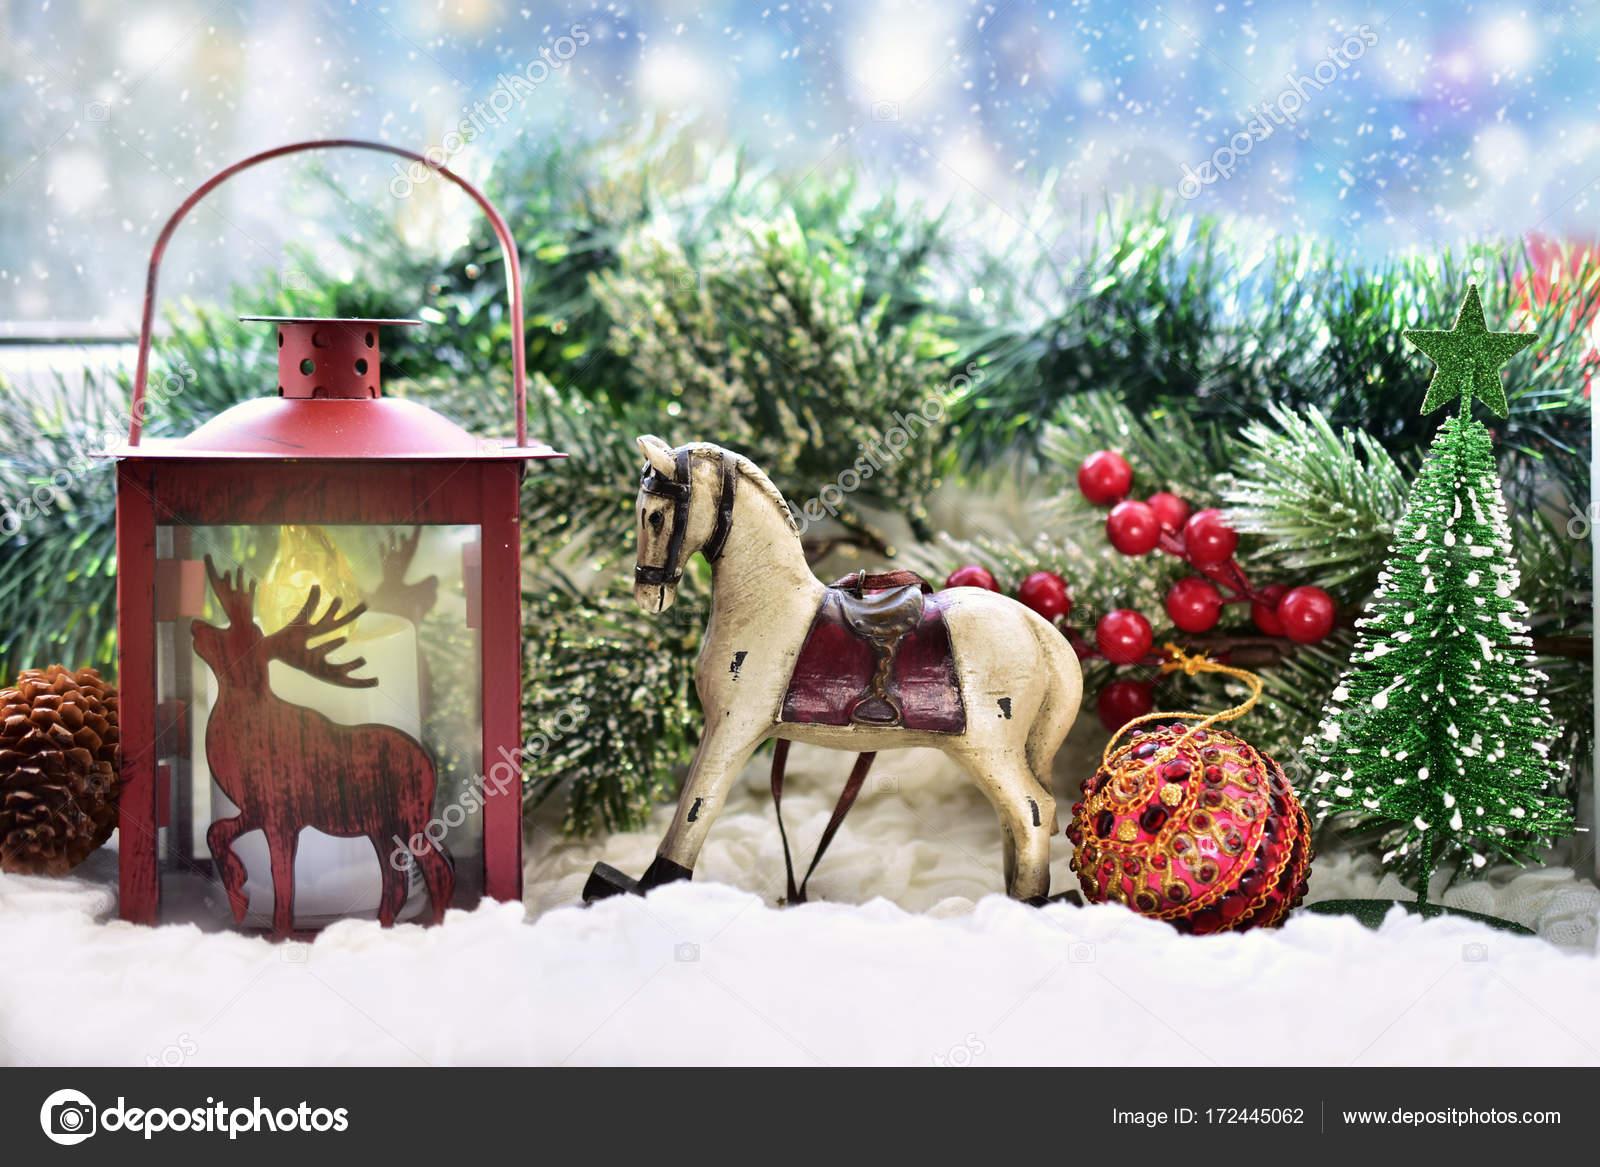 Weihnachten Fensterdekoration Mit Lehm Schaukelpferd Und Rote Lan